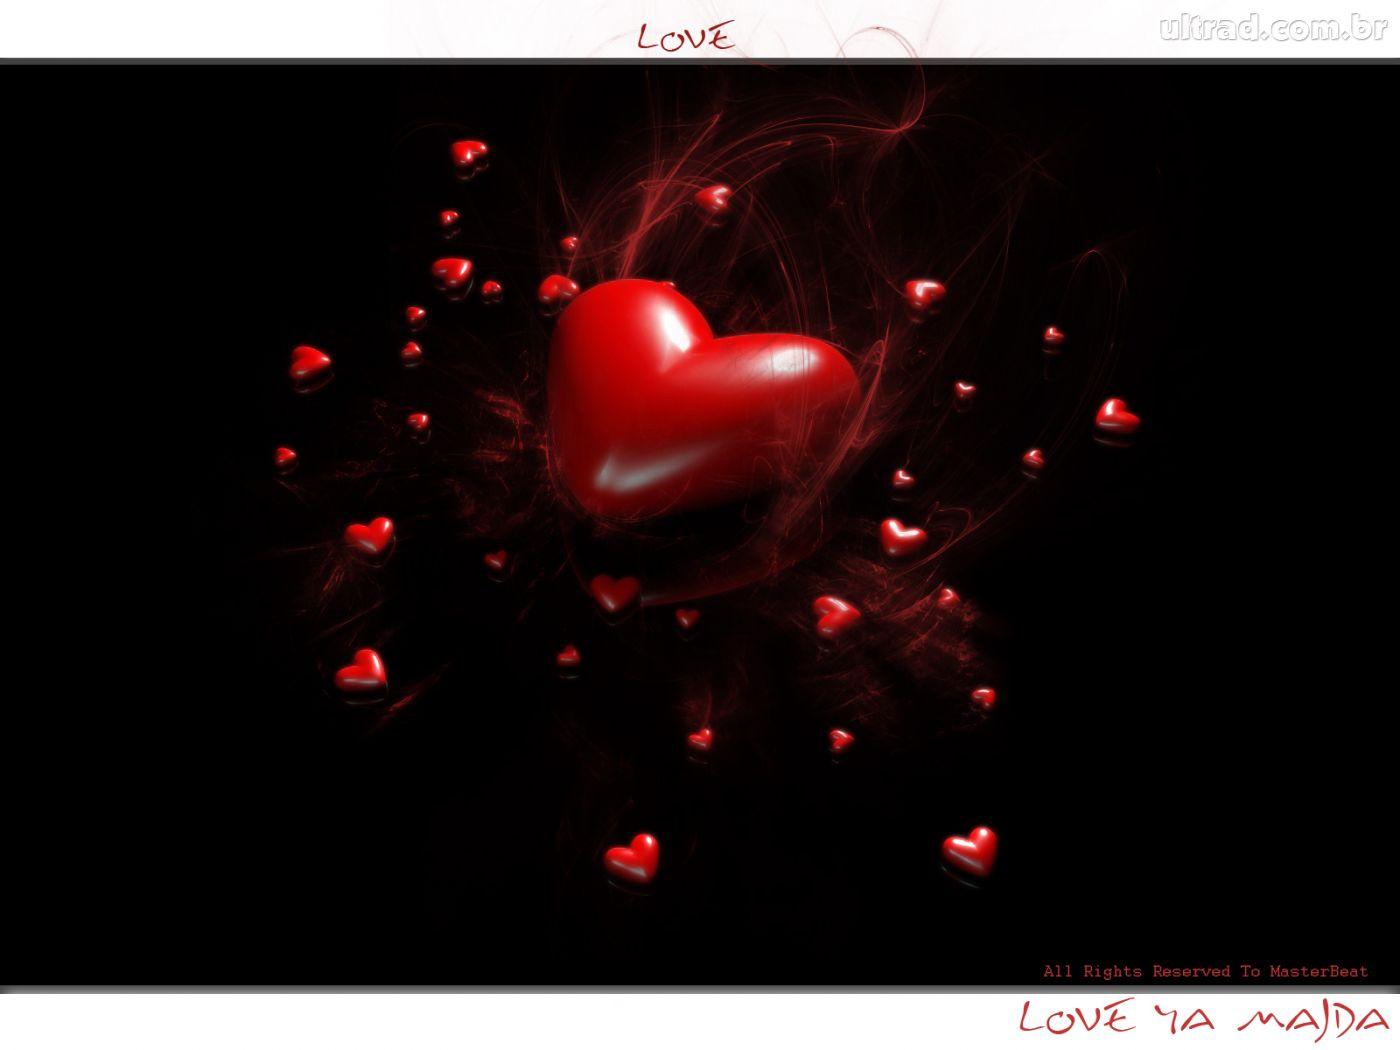 http://4.bp.blogspot.com/-MwowLIhvta0/Tg02FxomBmI/AAAAAAAAC7Q/jjOjhioxvfs/s1600/209373_Papel-de-Parede-Coracao-em-Pedacos_1400x1050.jpg